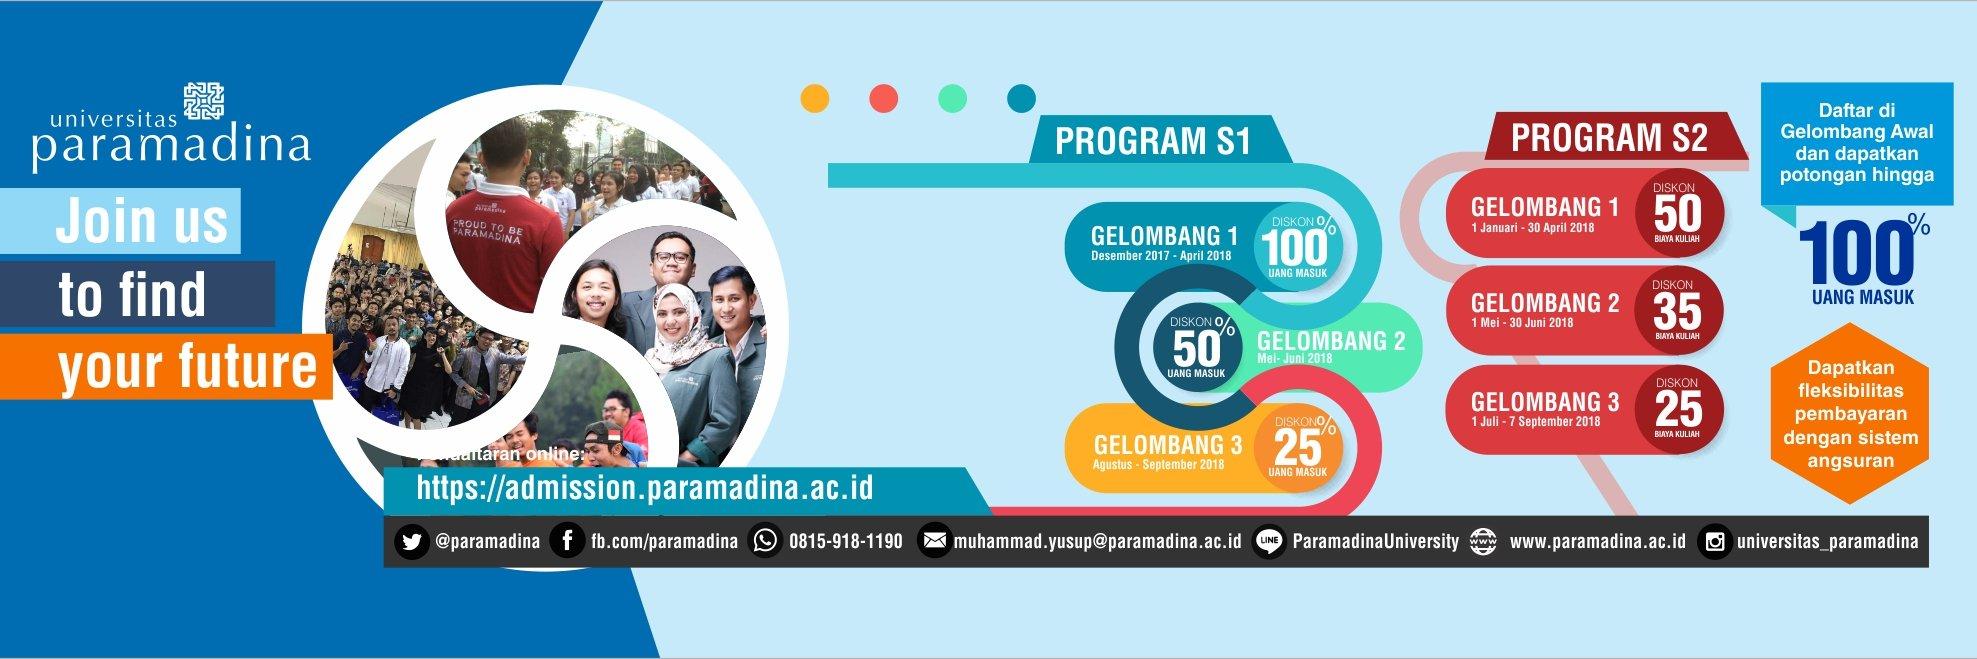 Universitas Paramadina's official Twitter account